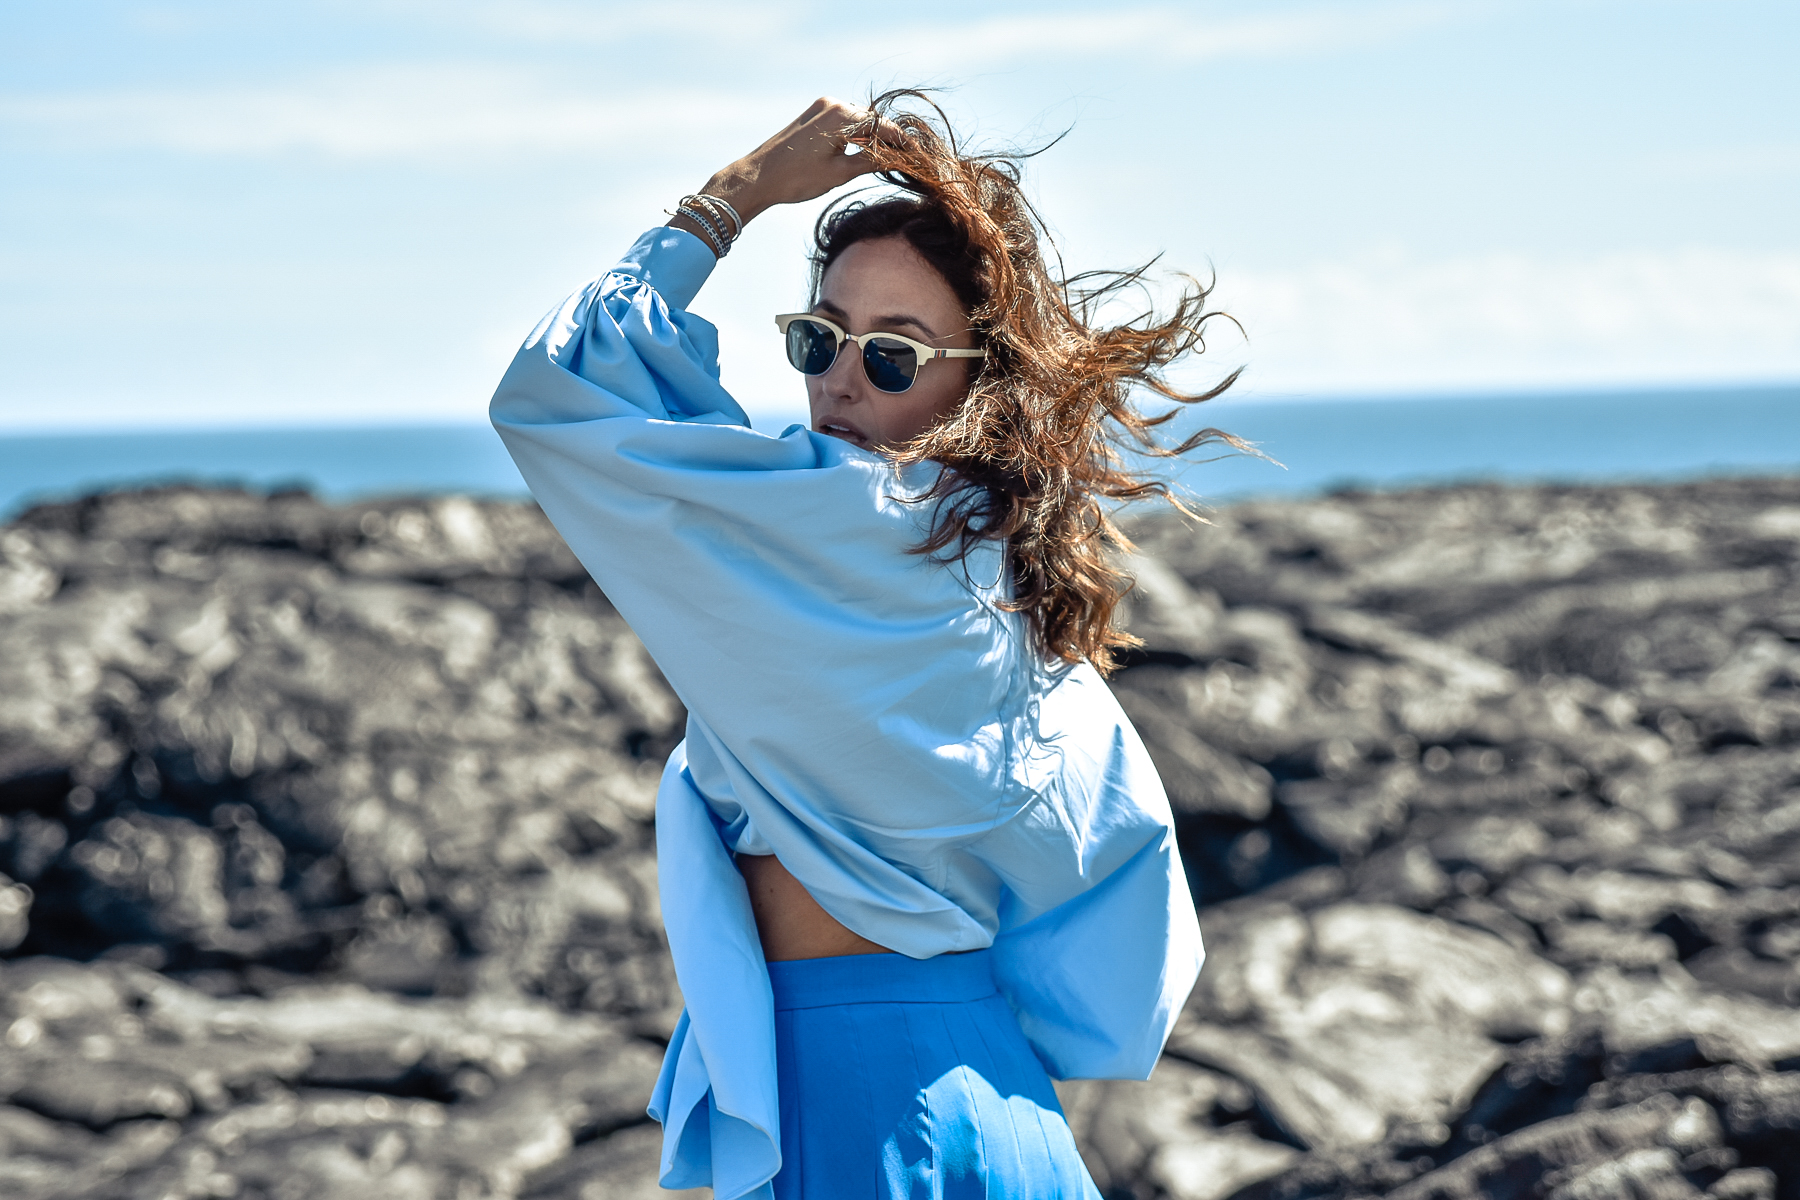 el-blog-de-silvia-blusa-azul-viaje-hawaii-15